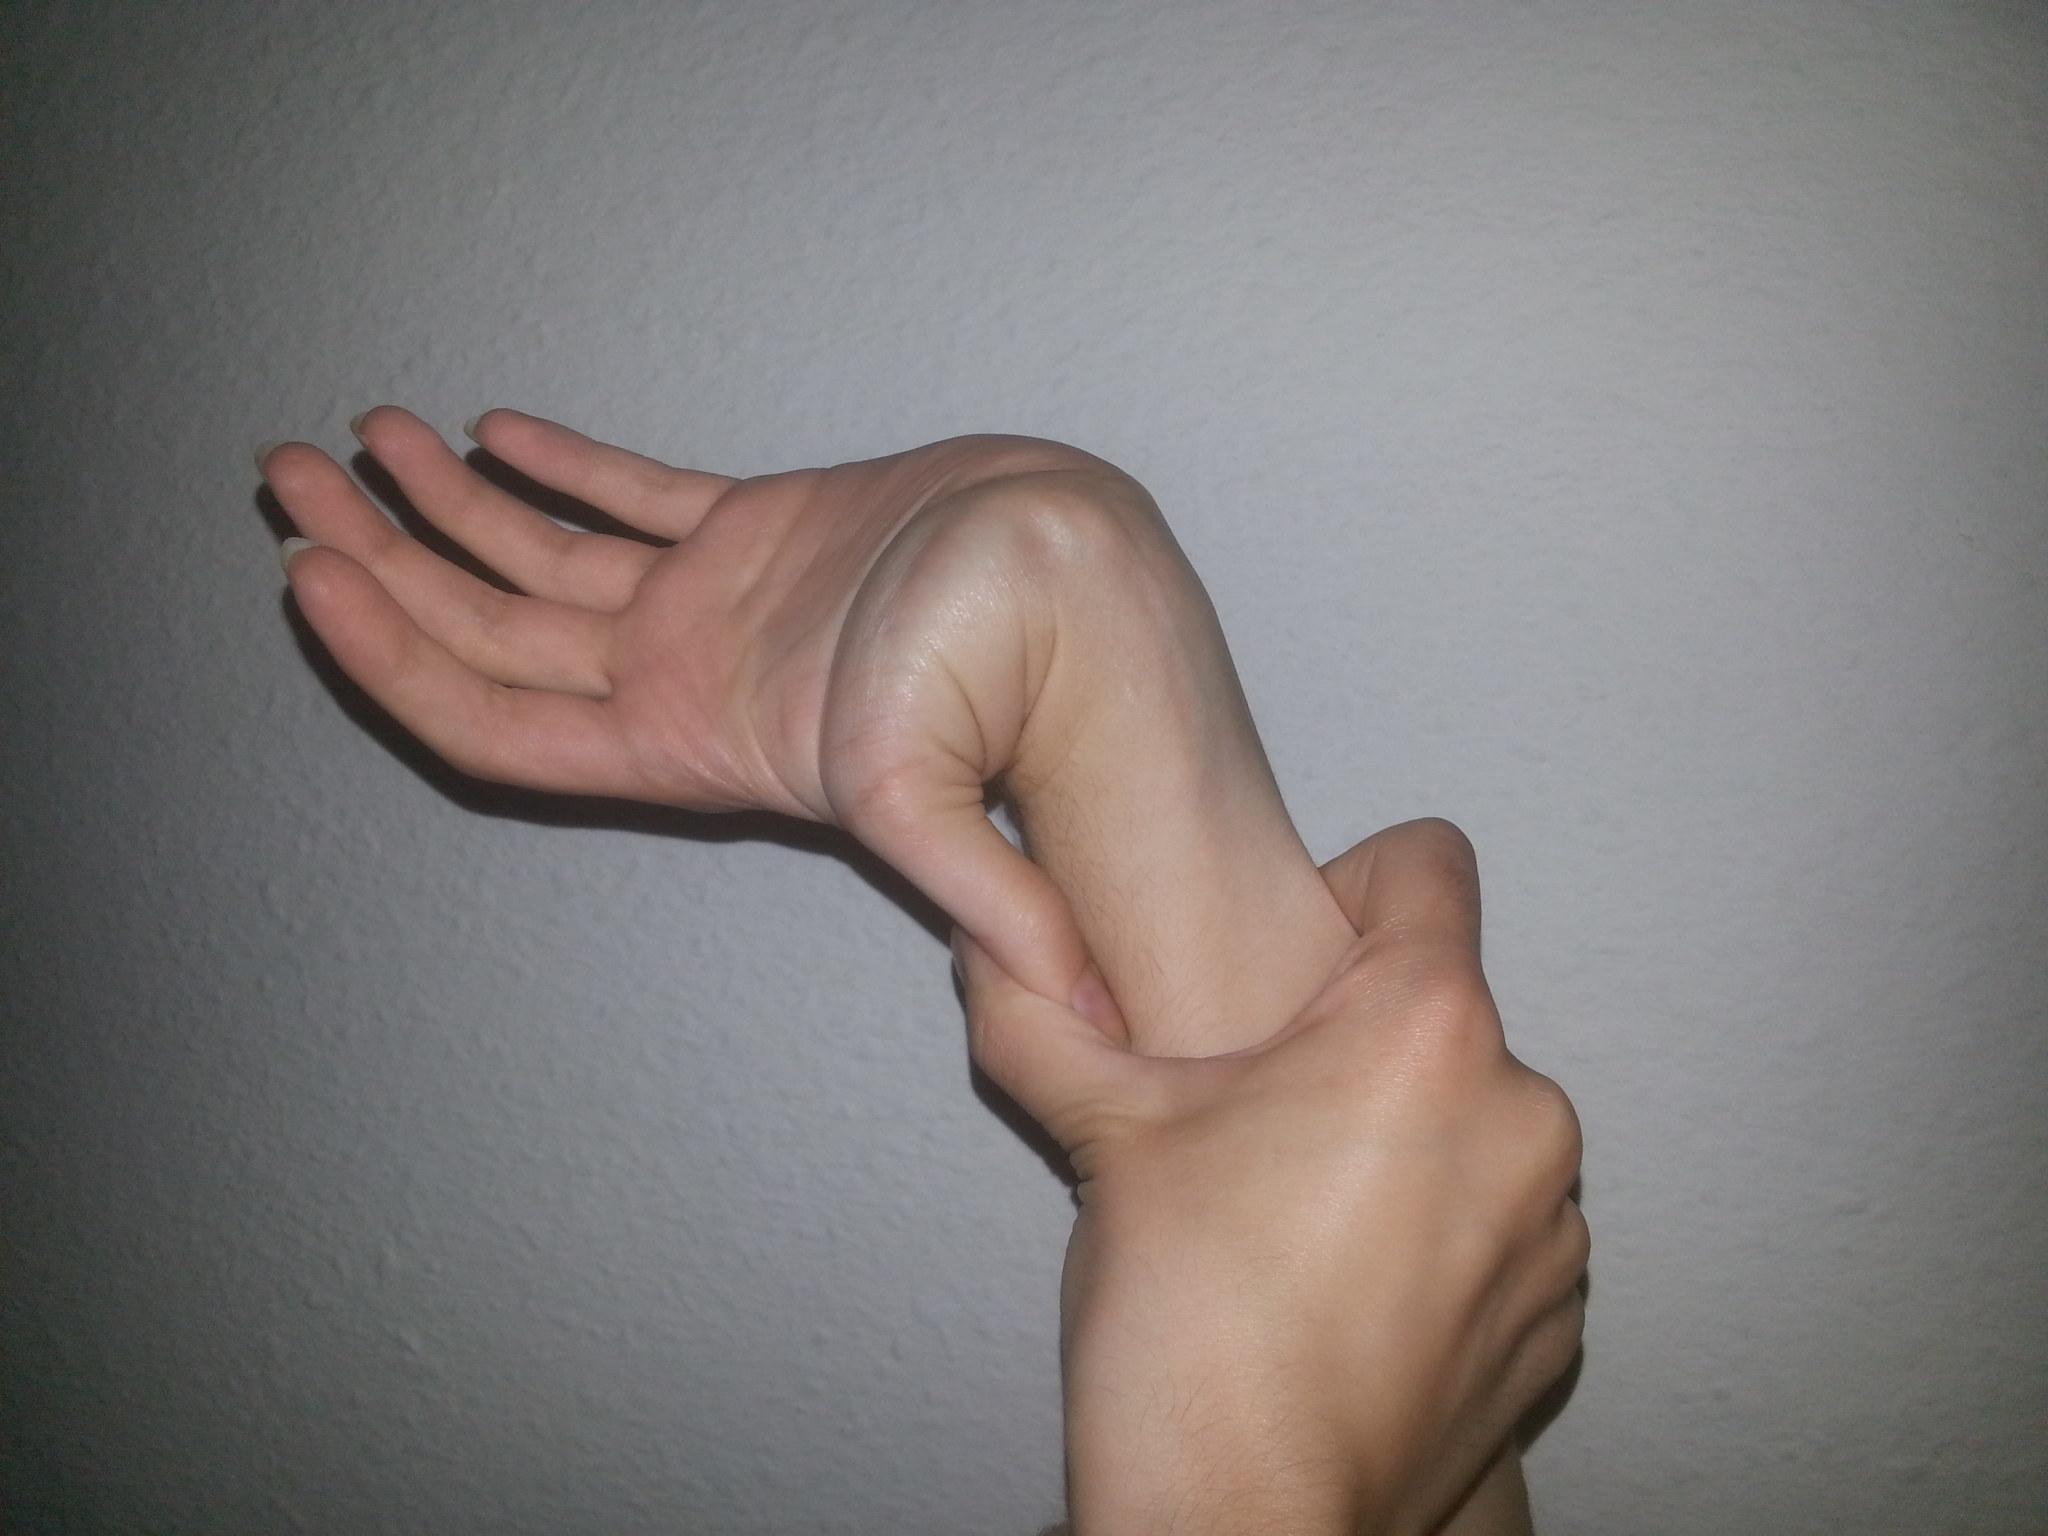 Flatteopic 2 kraadi koos liigese artroosiga Kuidas eemaldada poletiku kuunarnukis